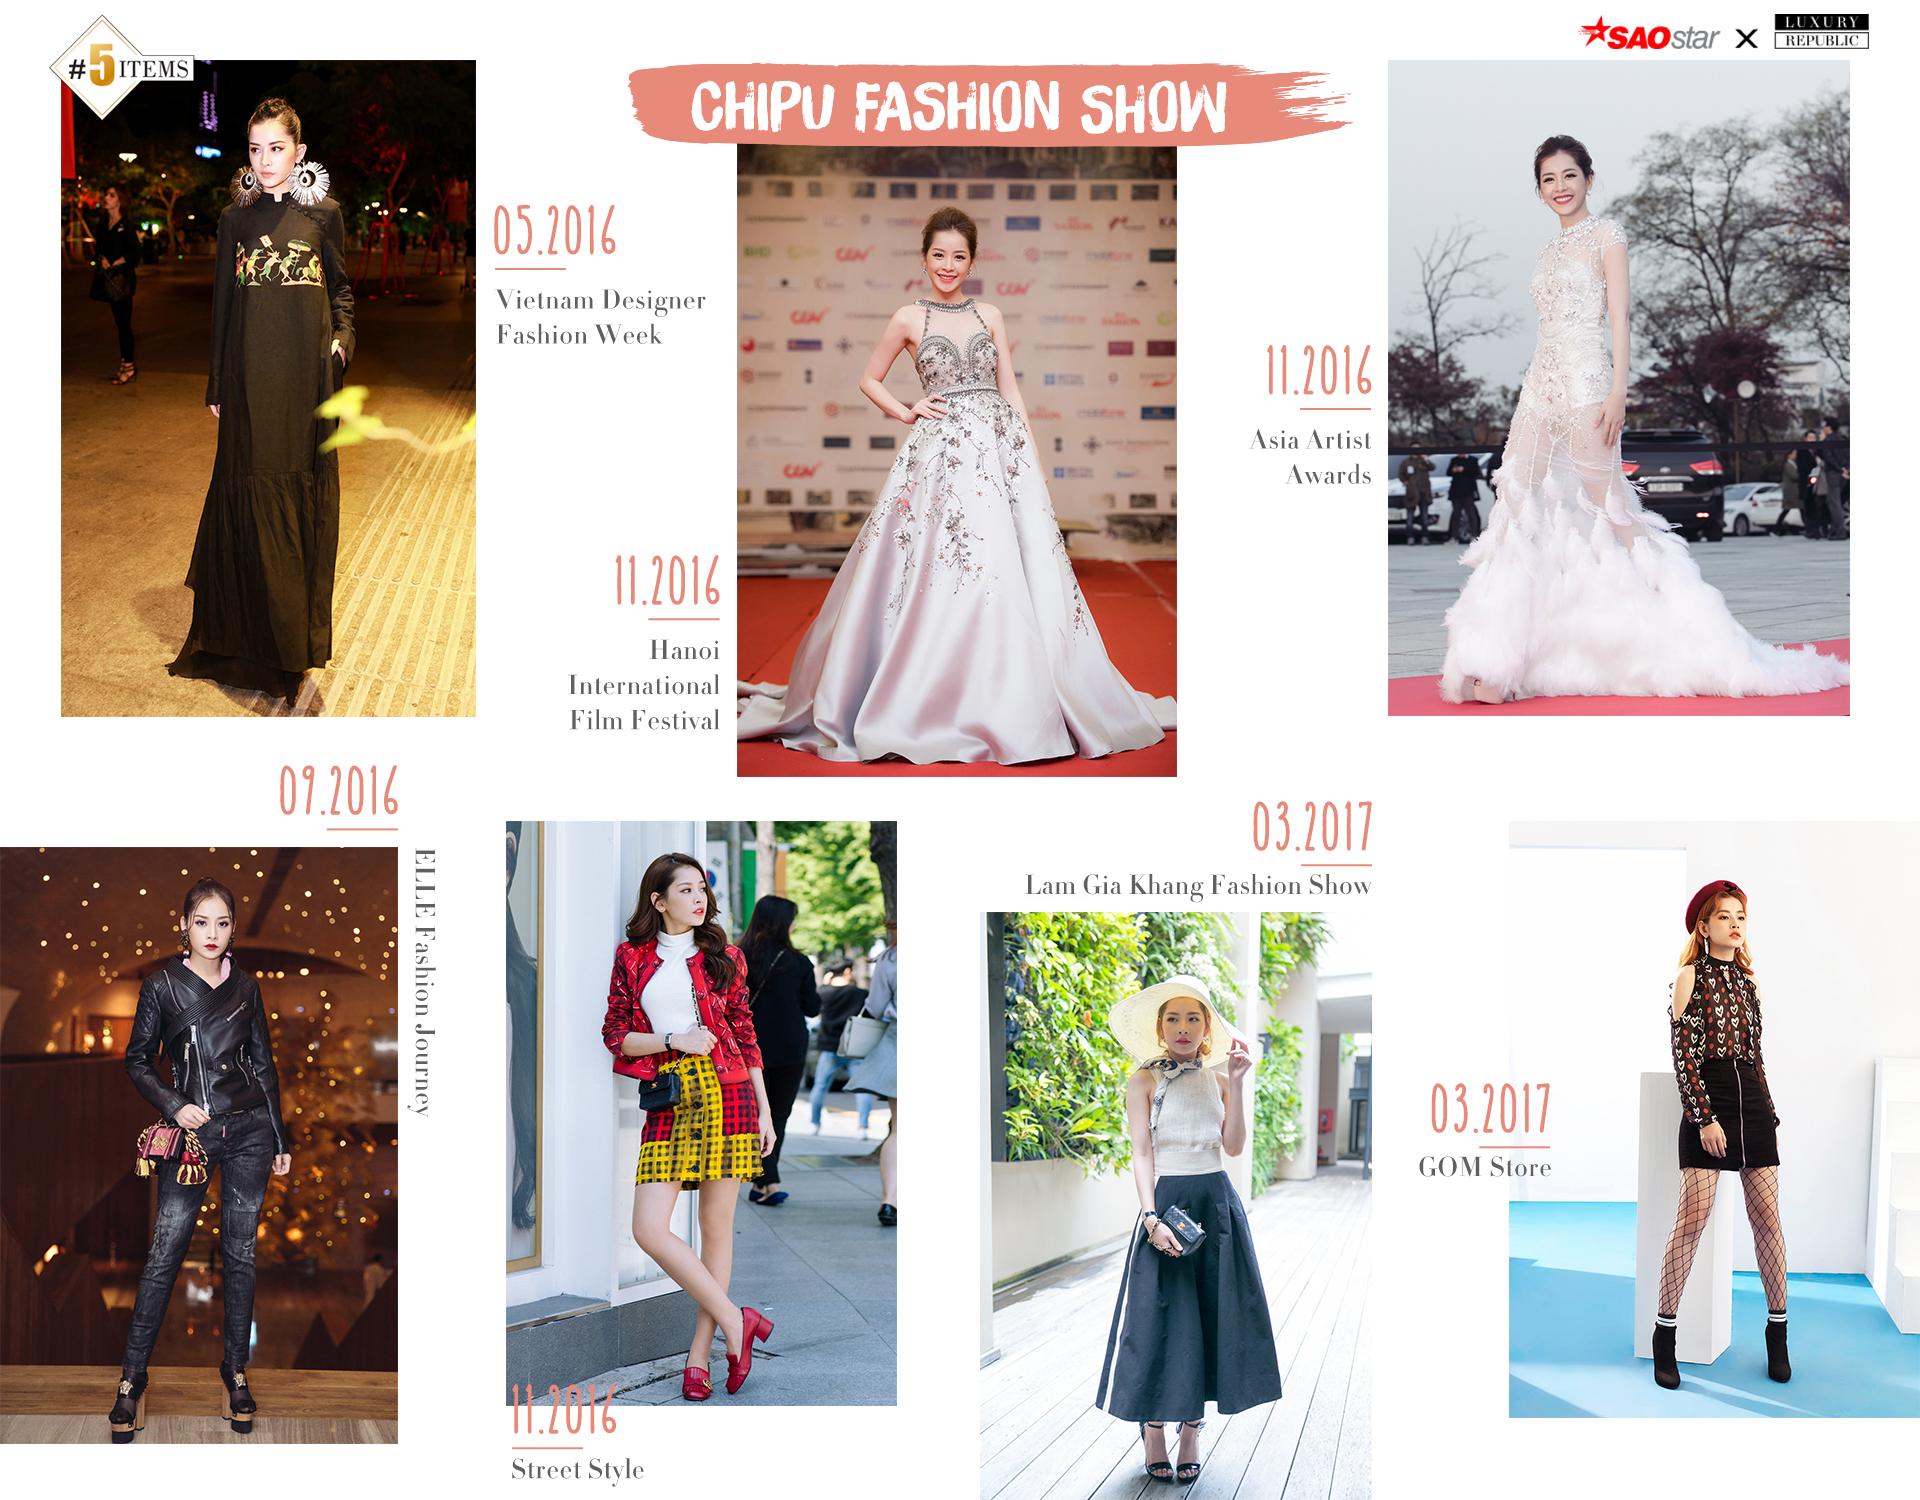 Thay đổi phong cách liên xoành xoạch, style Hàn đã là lựa chọn cuối cùng của ChiPu?